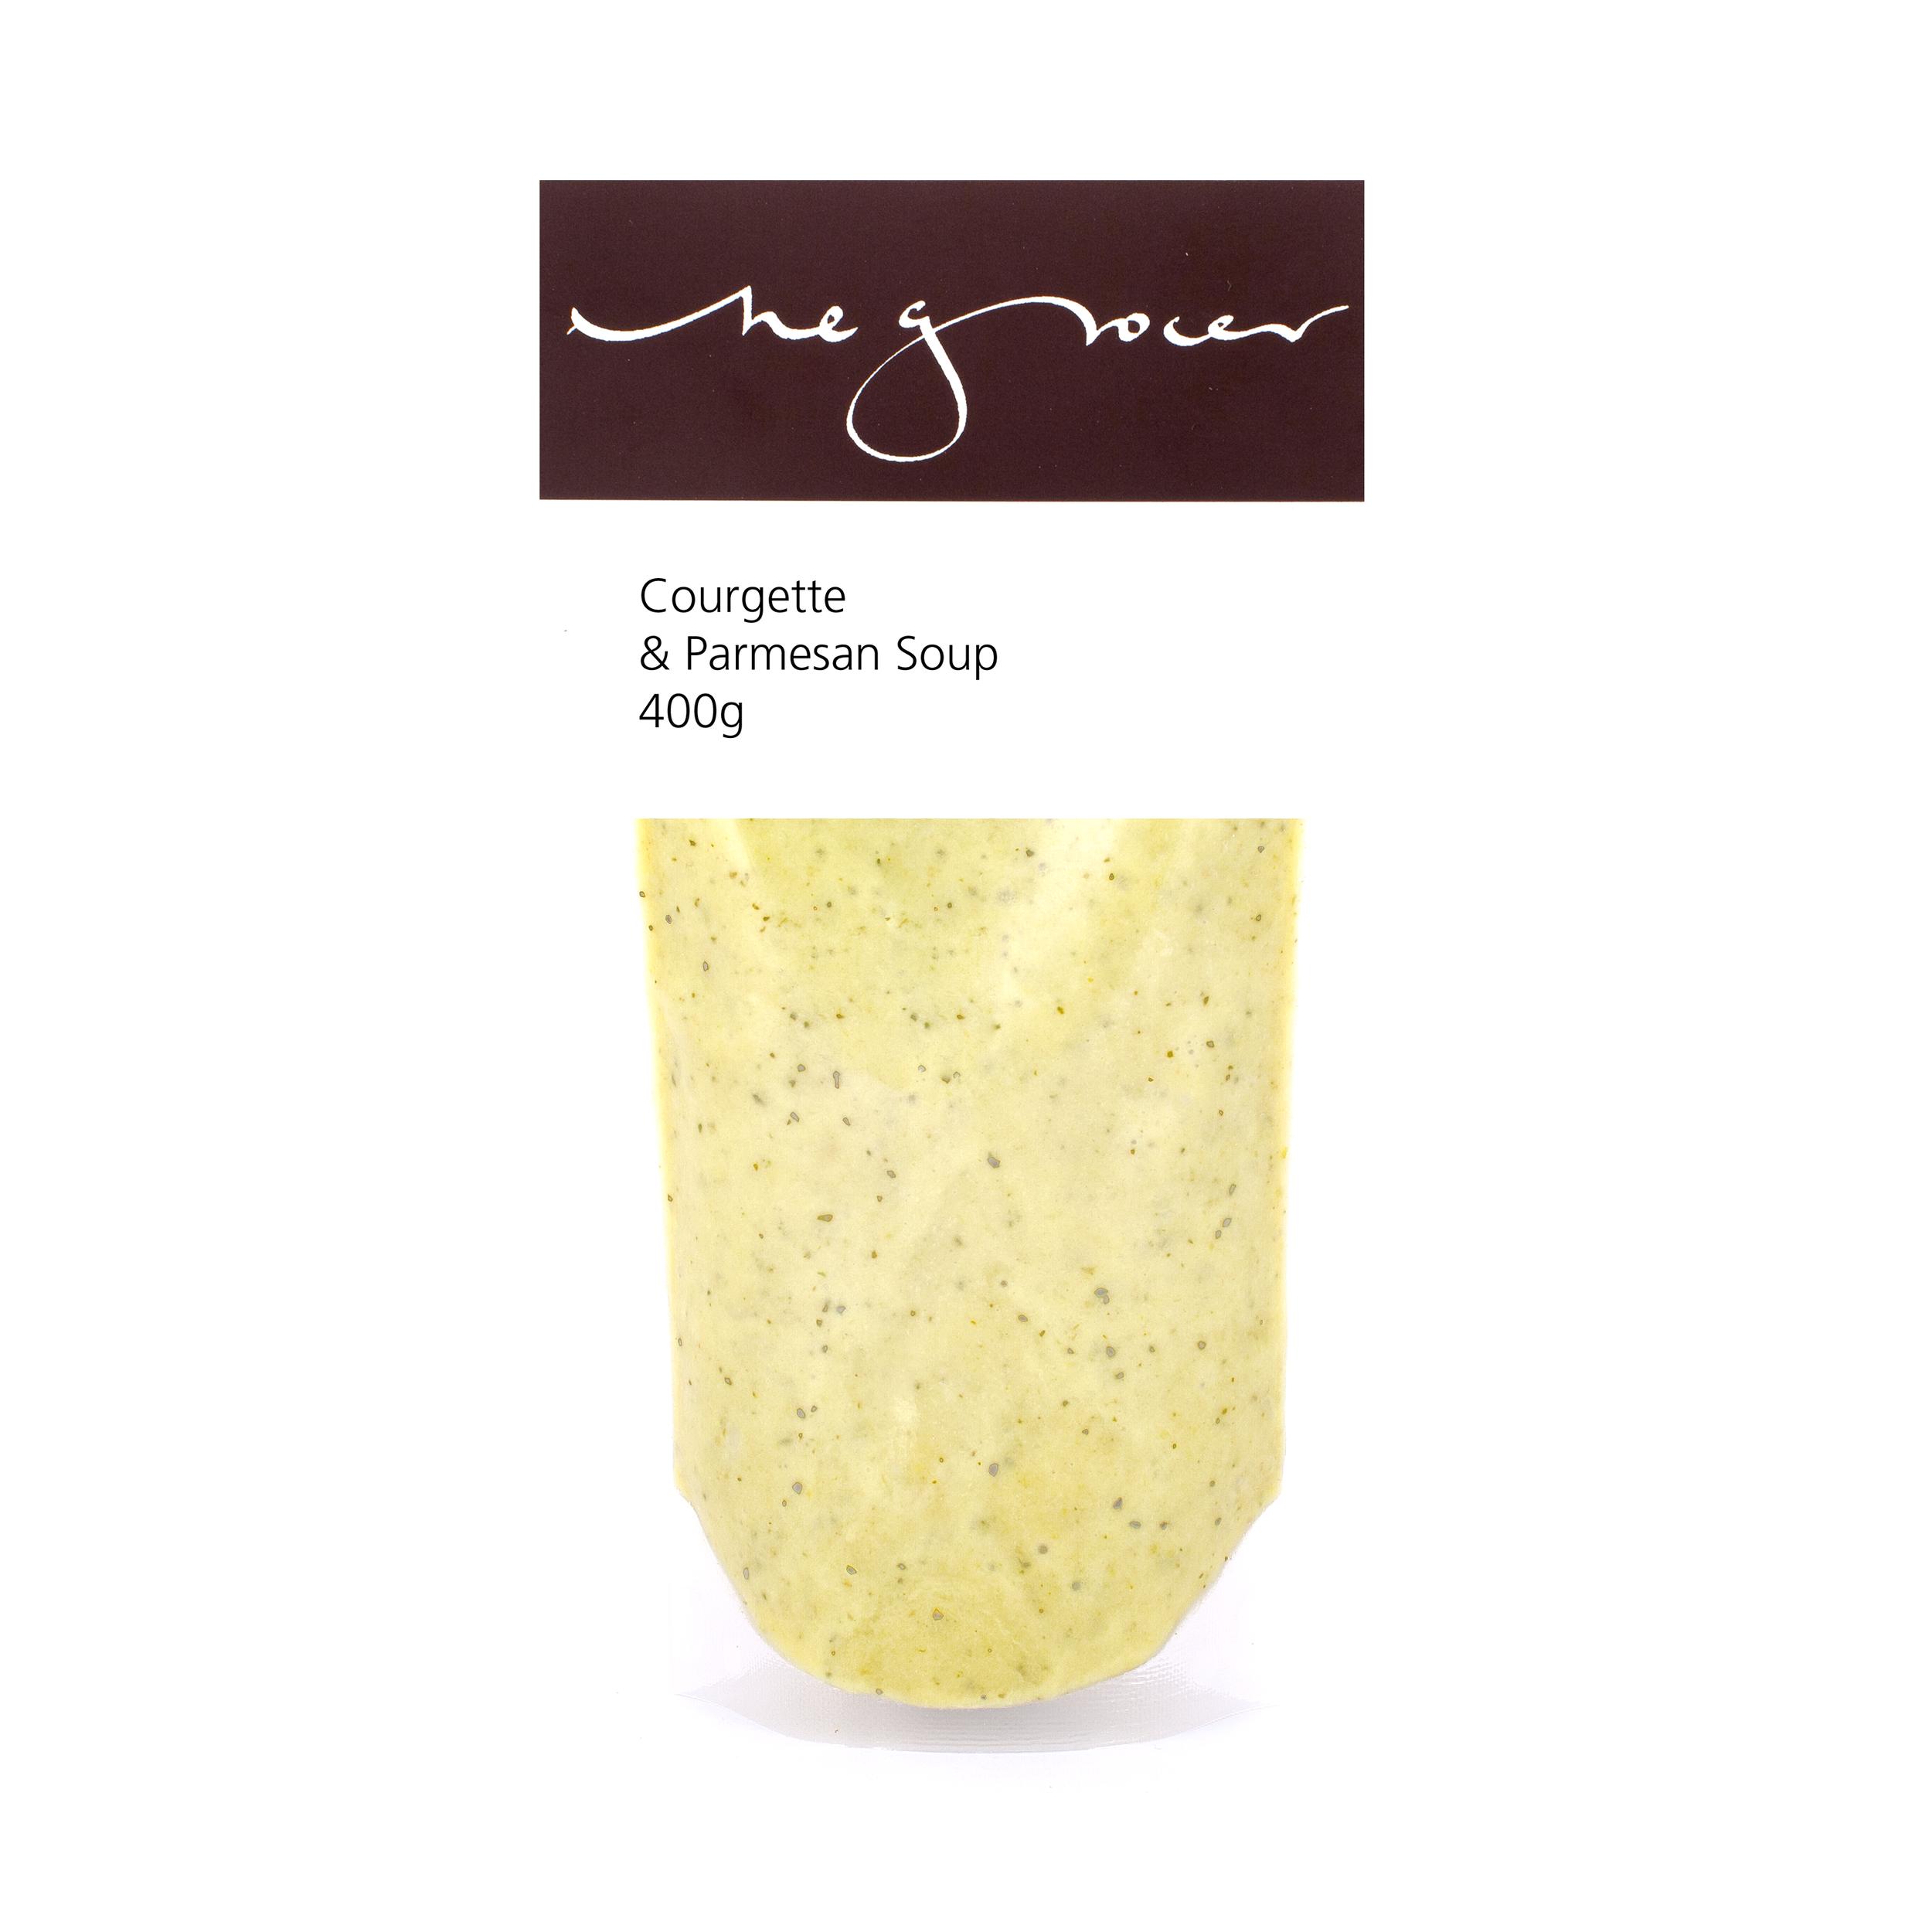 Courgette & Parmesan Soup 400g - £5.60